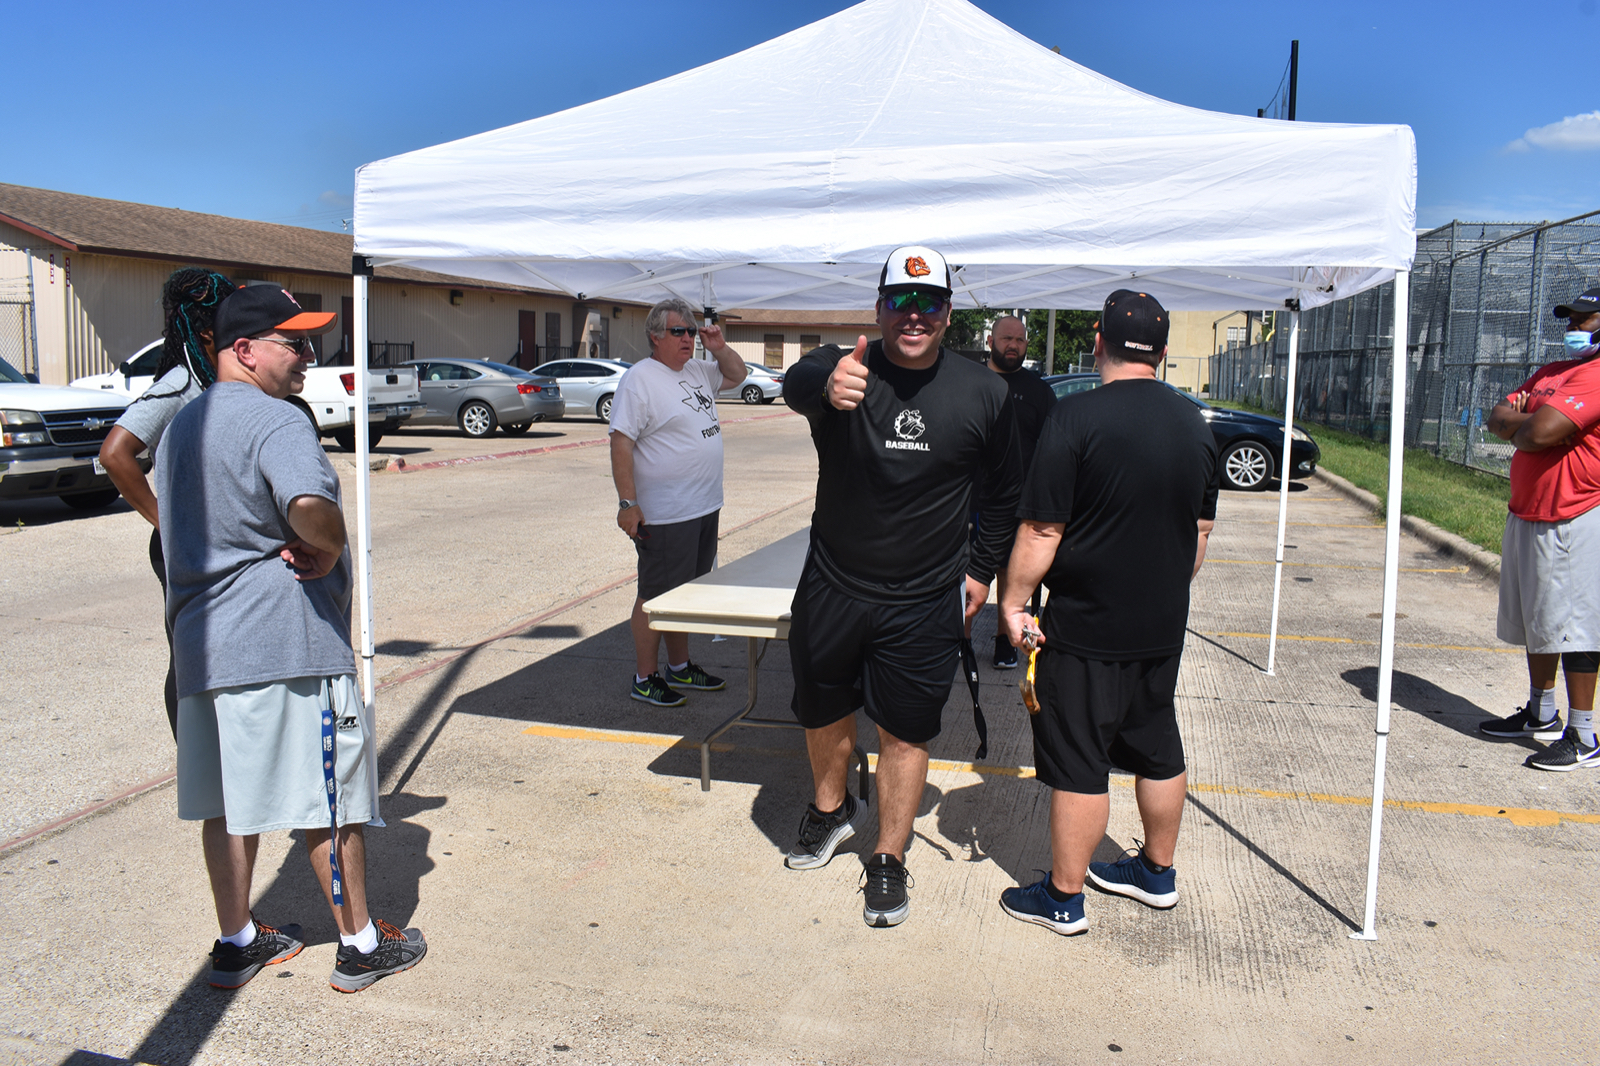 Photo gallery: North Dallas coaches preparing for summer program — 6-8-2020